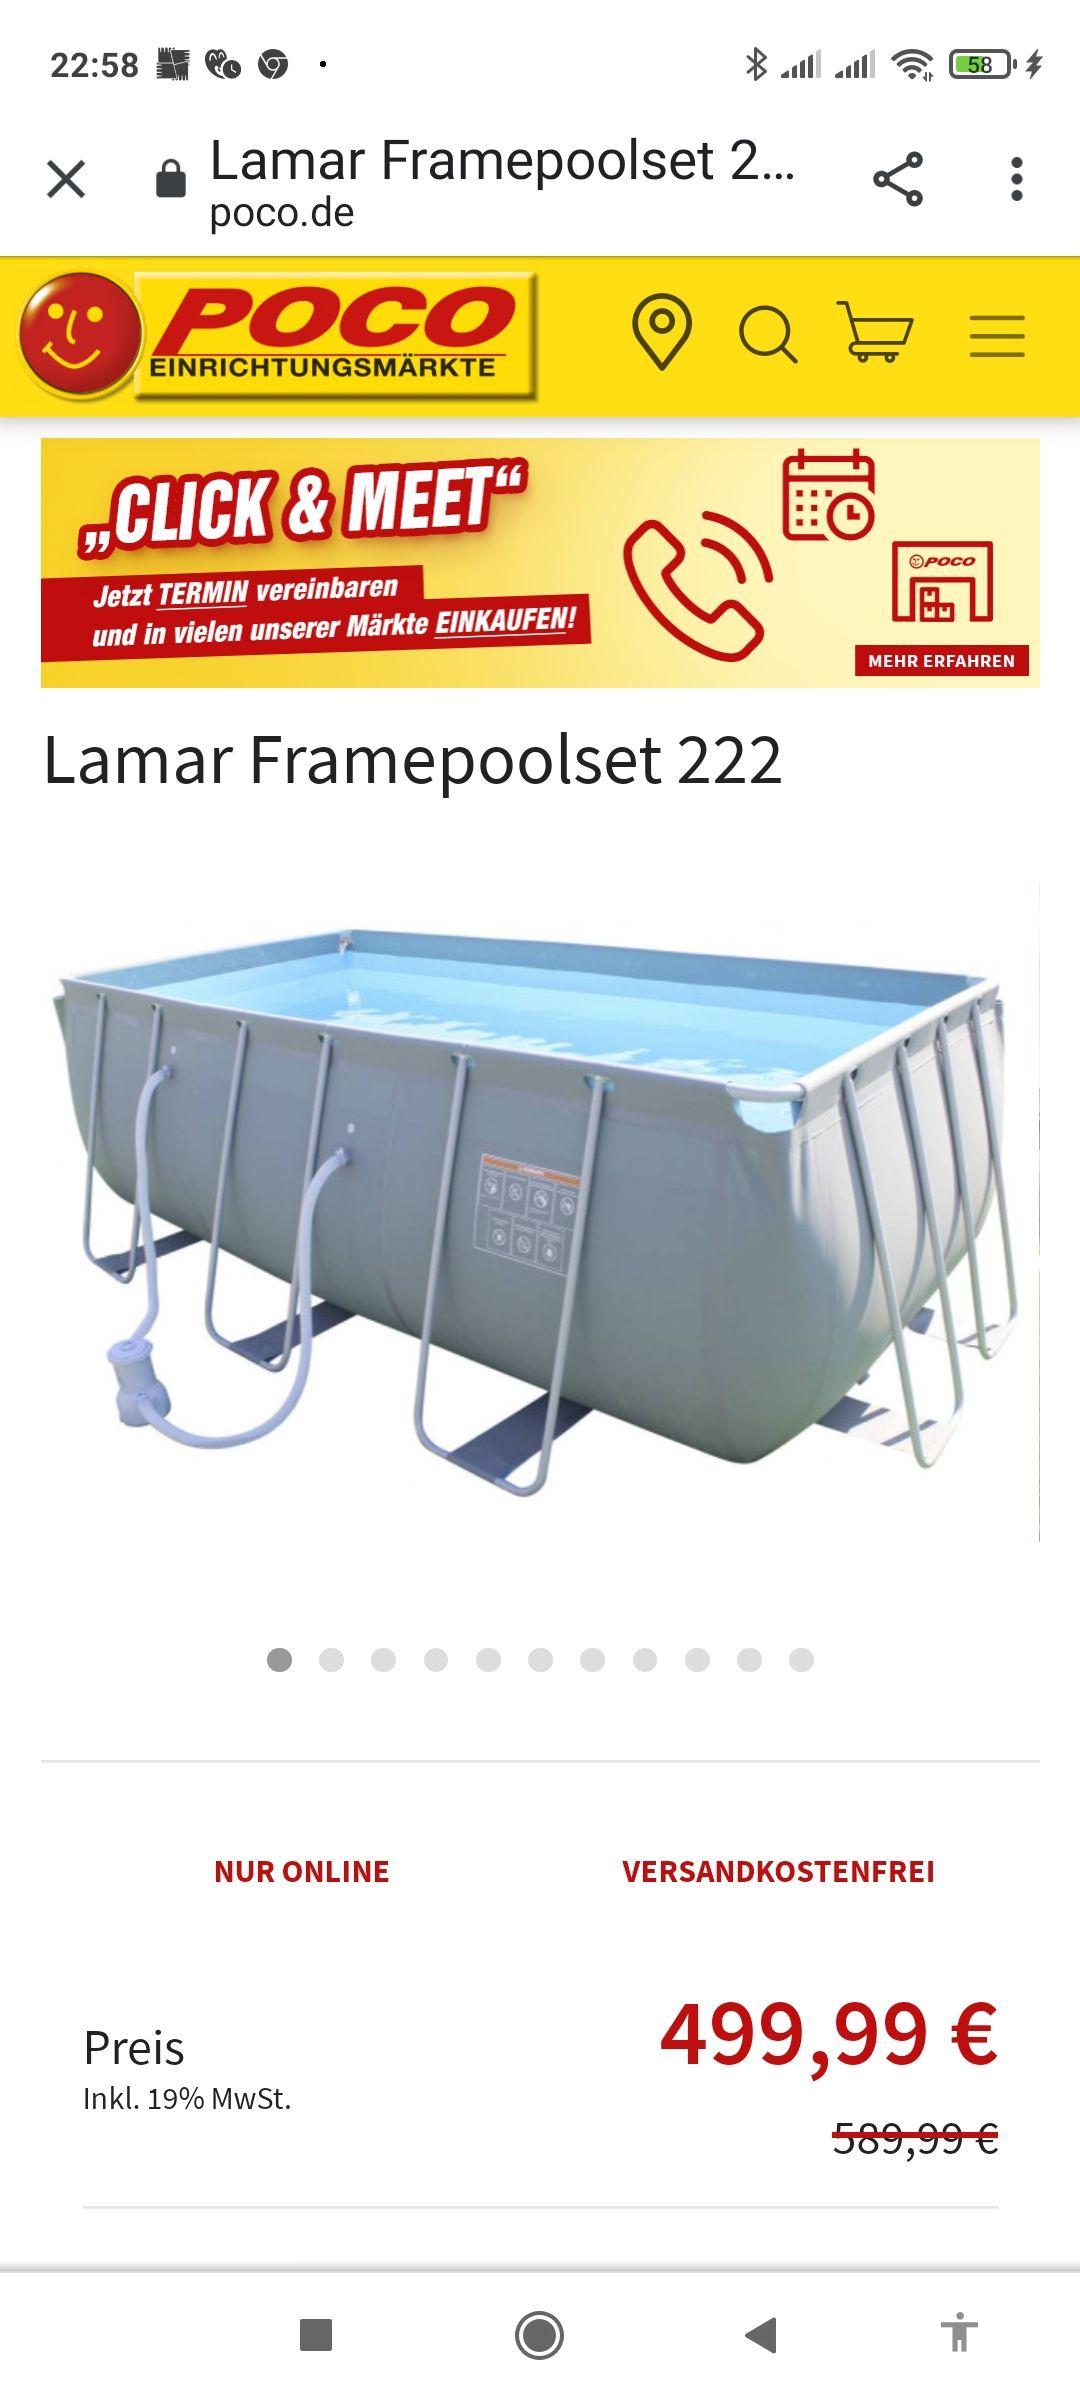 lamar-framepoolset 412x201x122